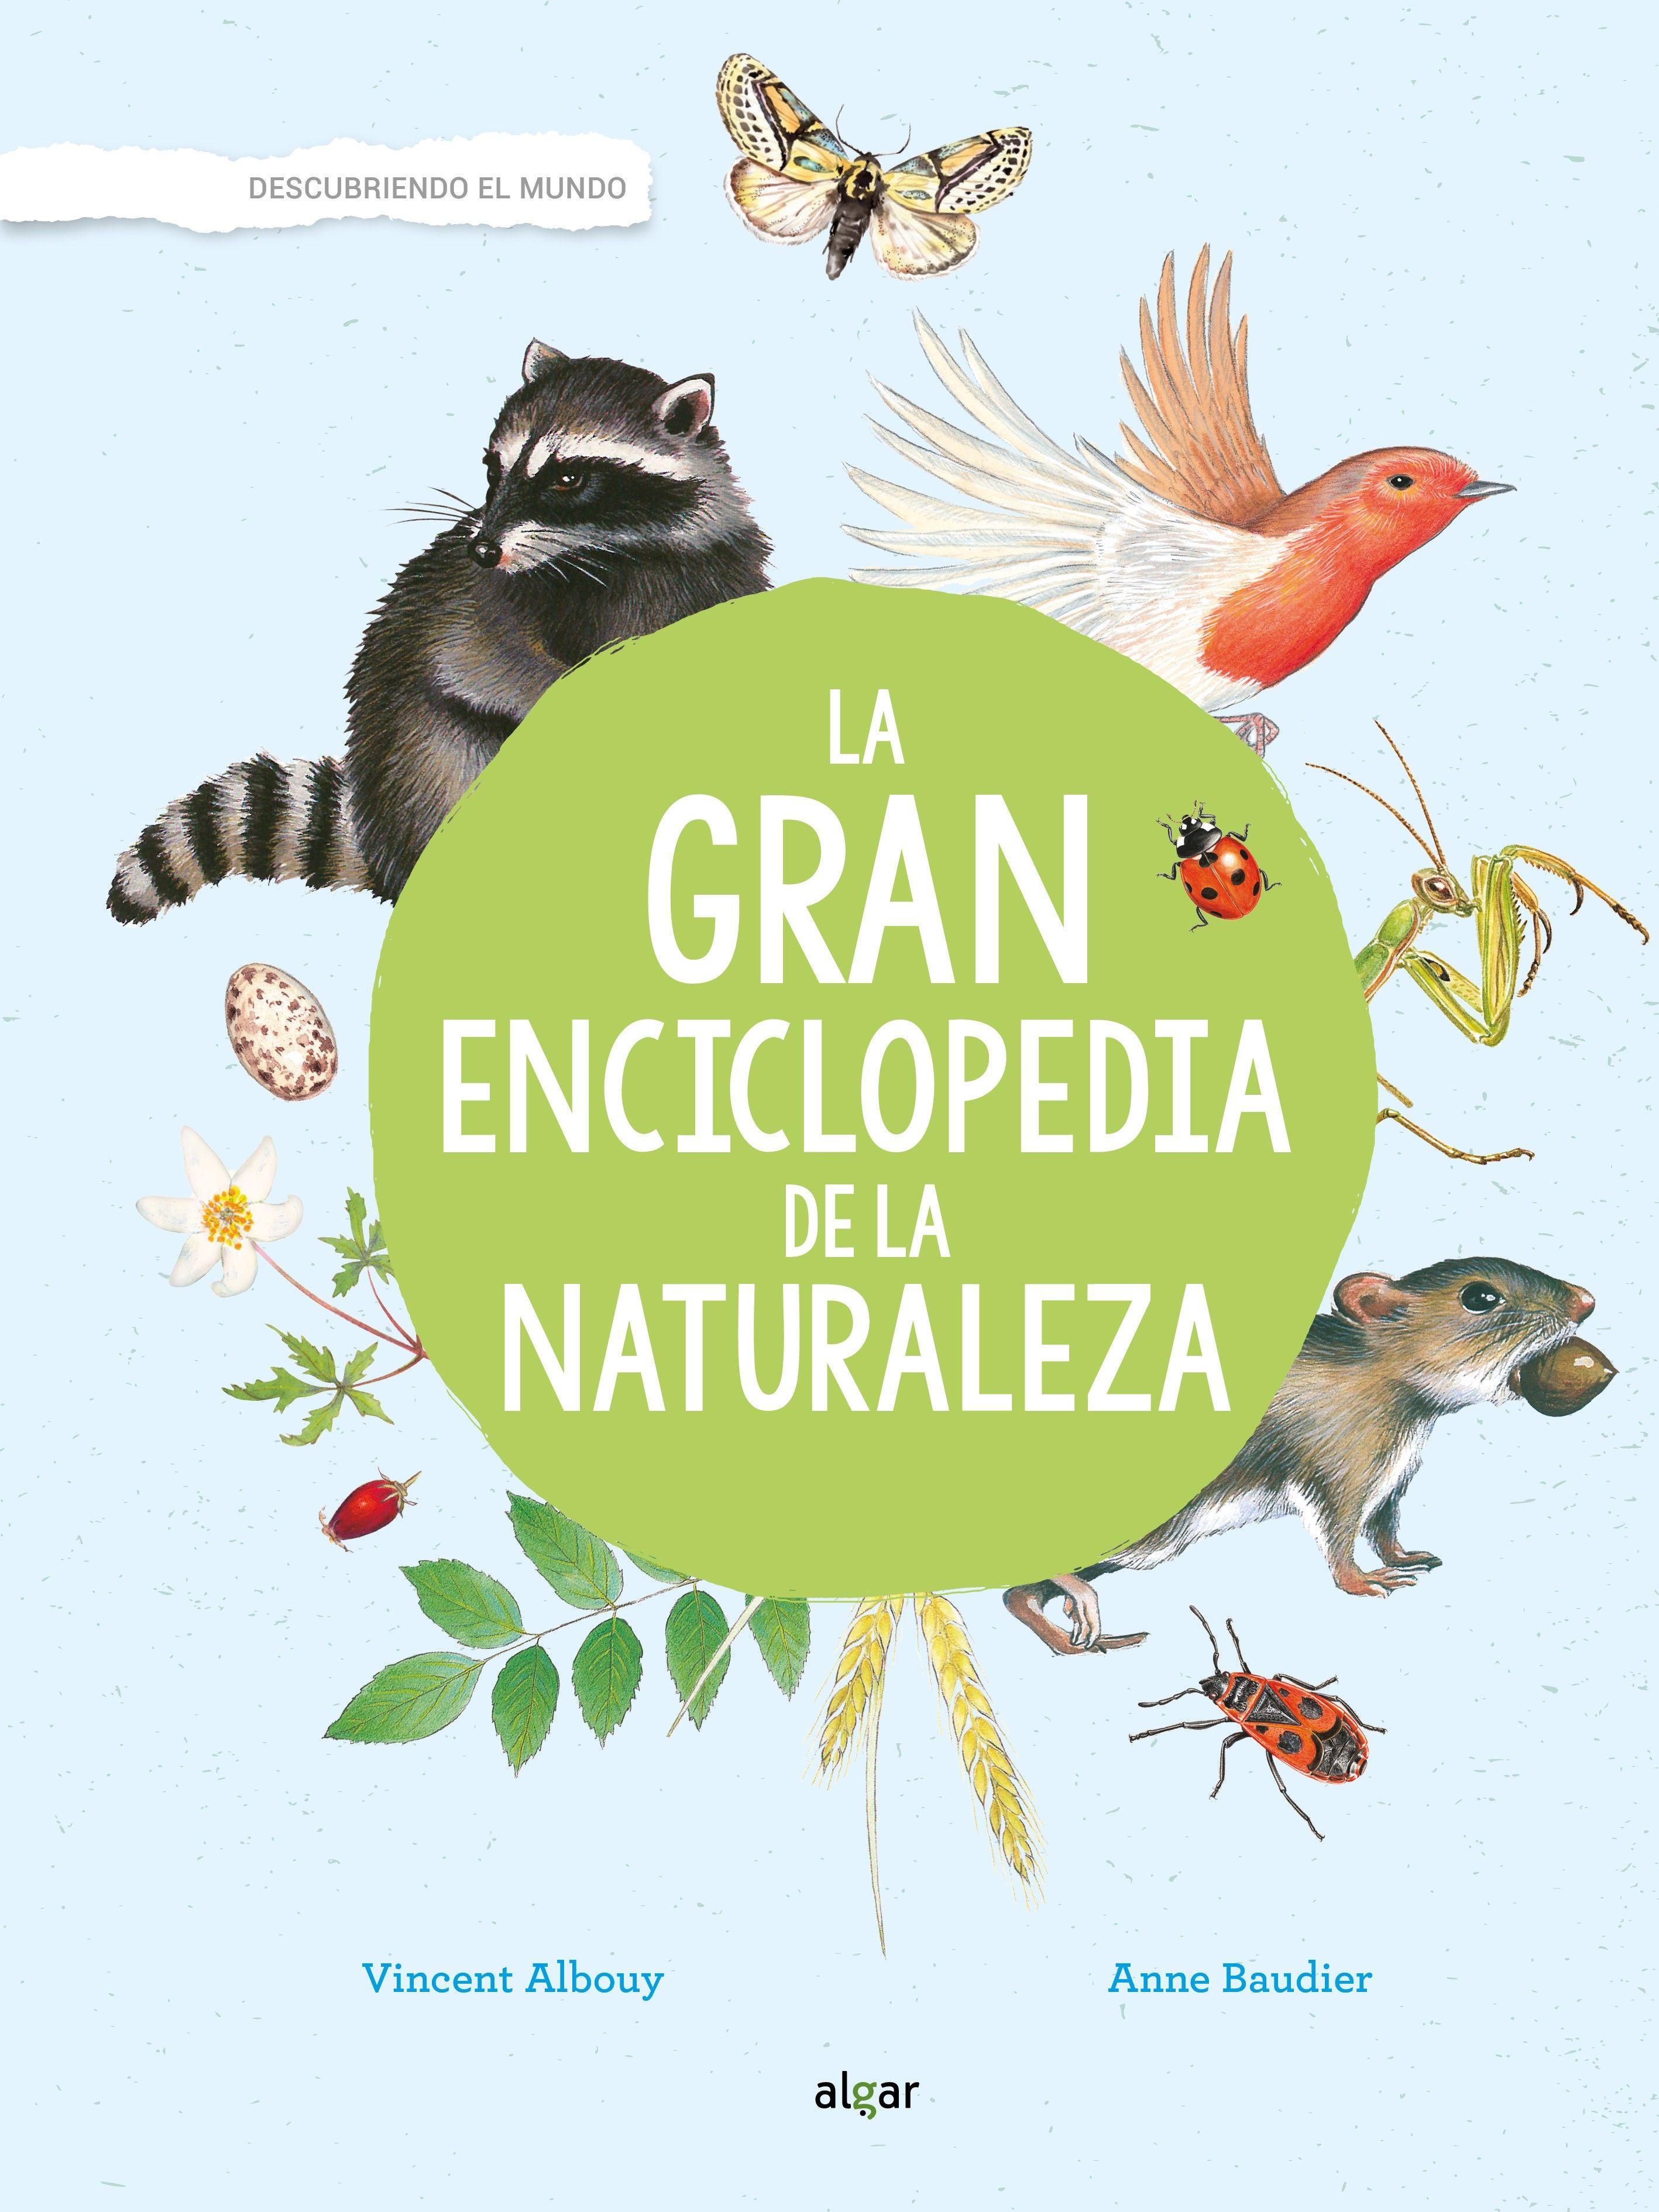 GRAN ENCICLOPEDIA DE LA NATURALEZA LA